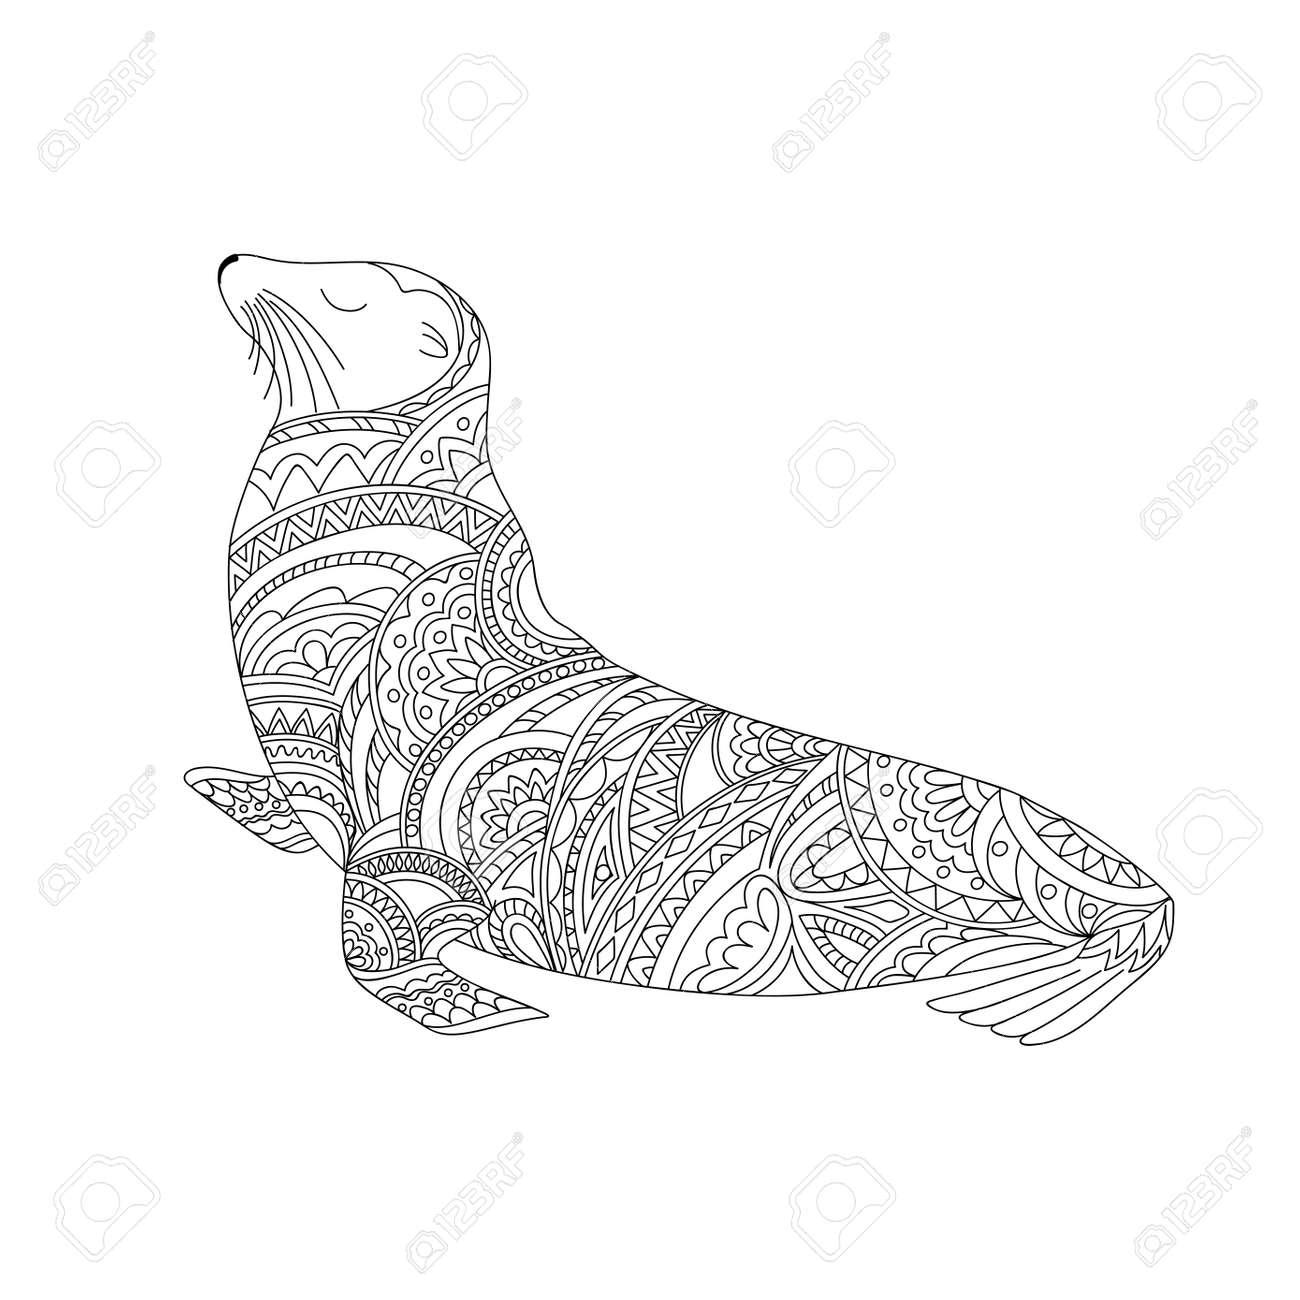 Lobo Marino Ornamental Dibujado A Mano En Estilo Zen Para Decorar Artículos De Papelería Platos Porcelana Cerámica Estampado De Camisetas Página